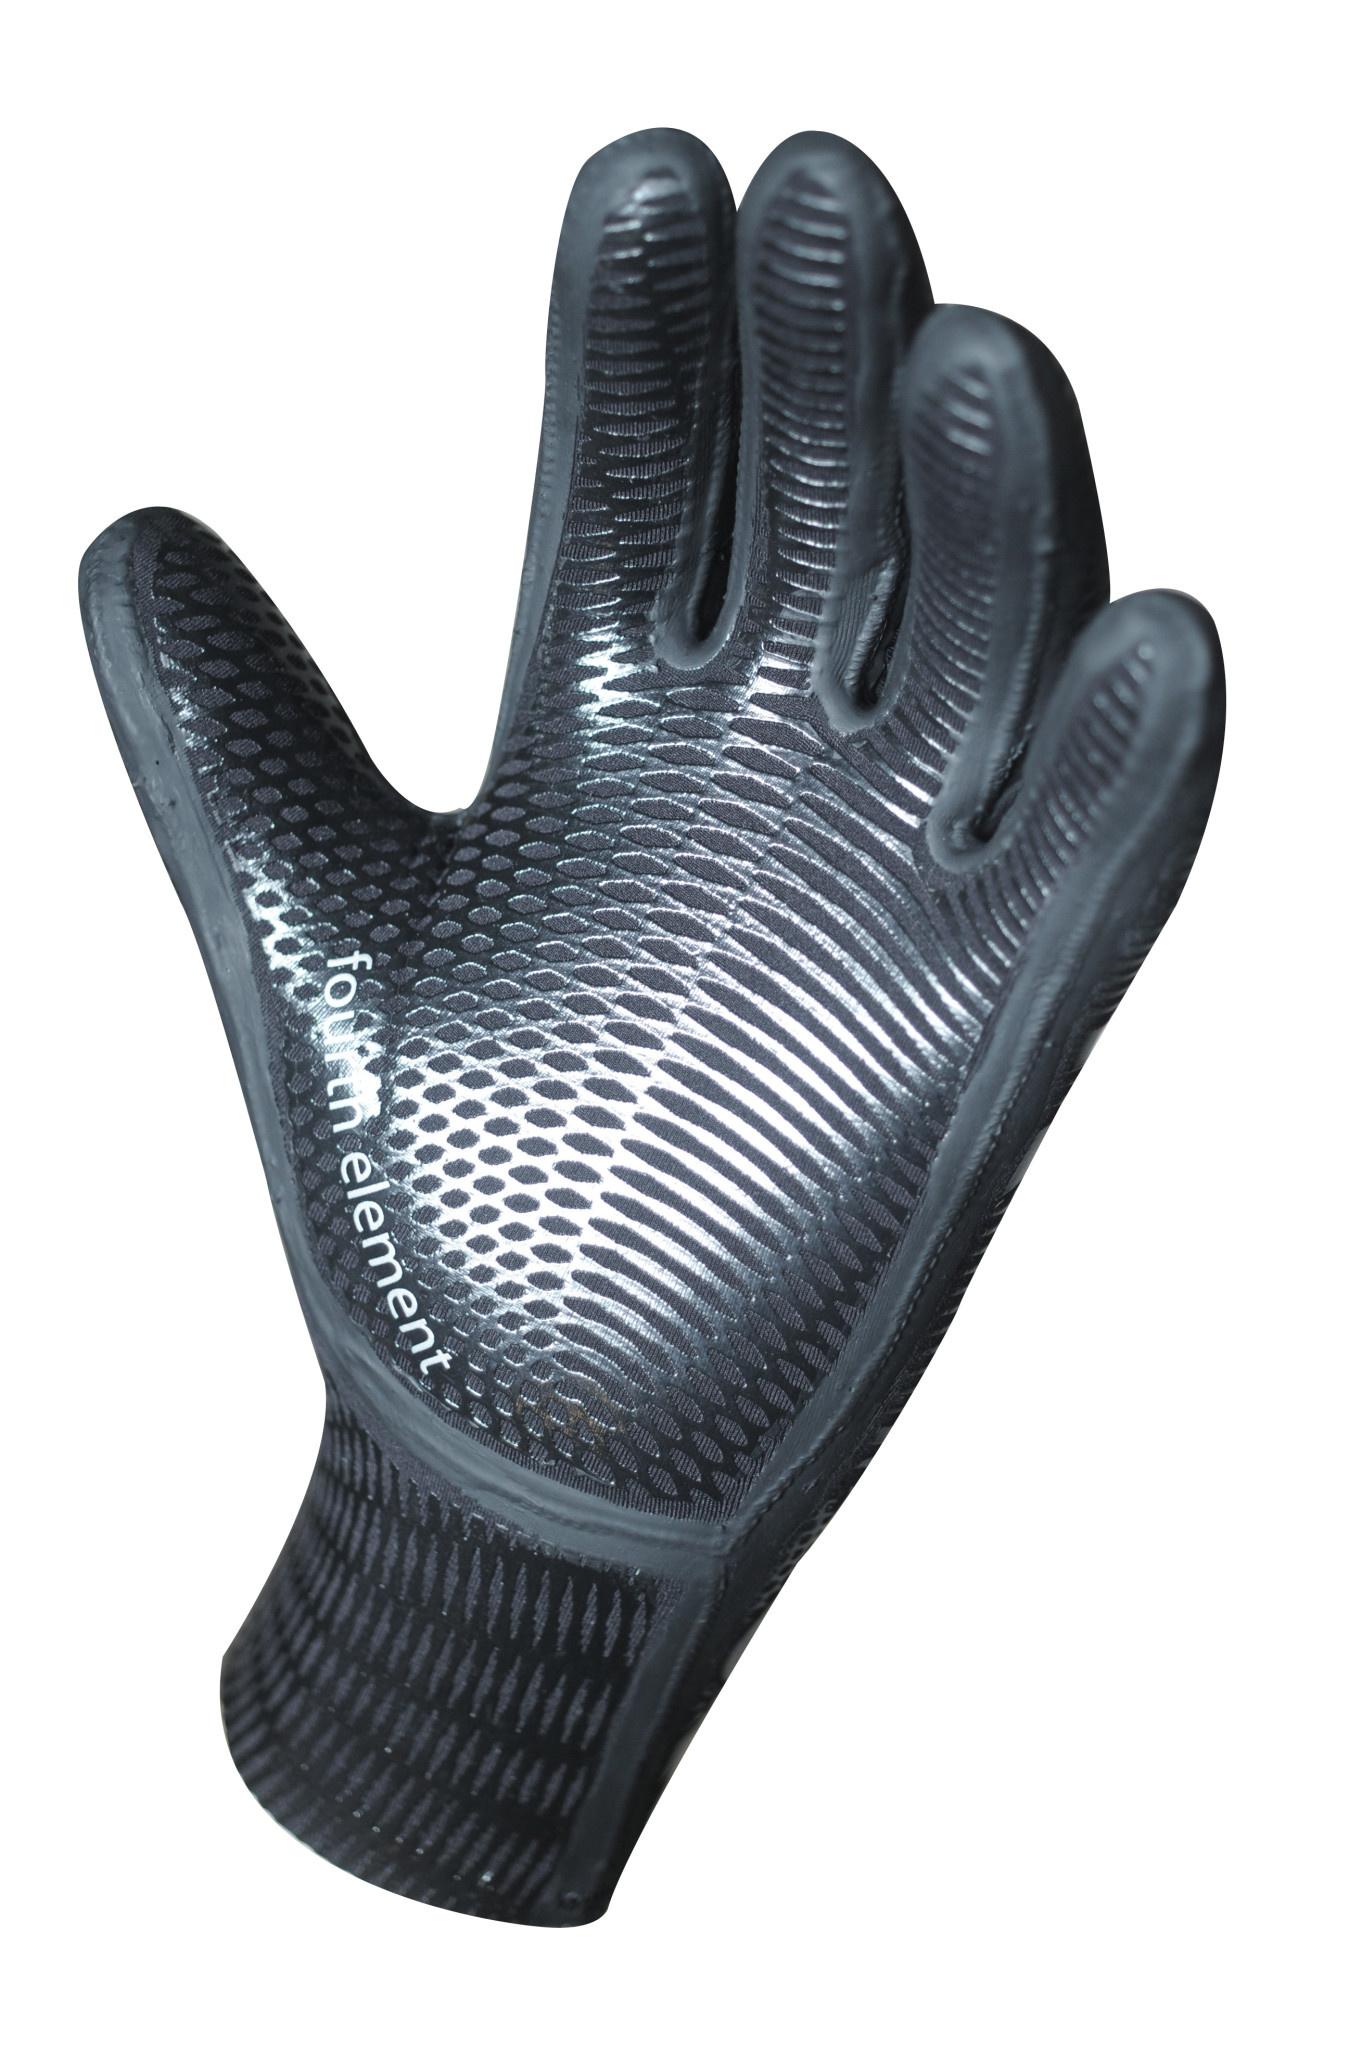 Handschoen 5 mm neopreen-3